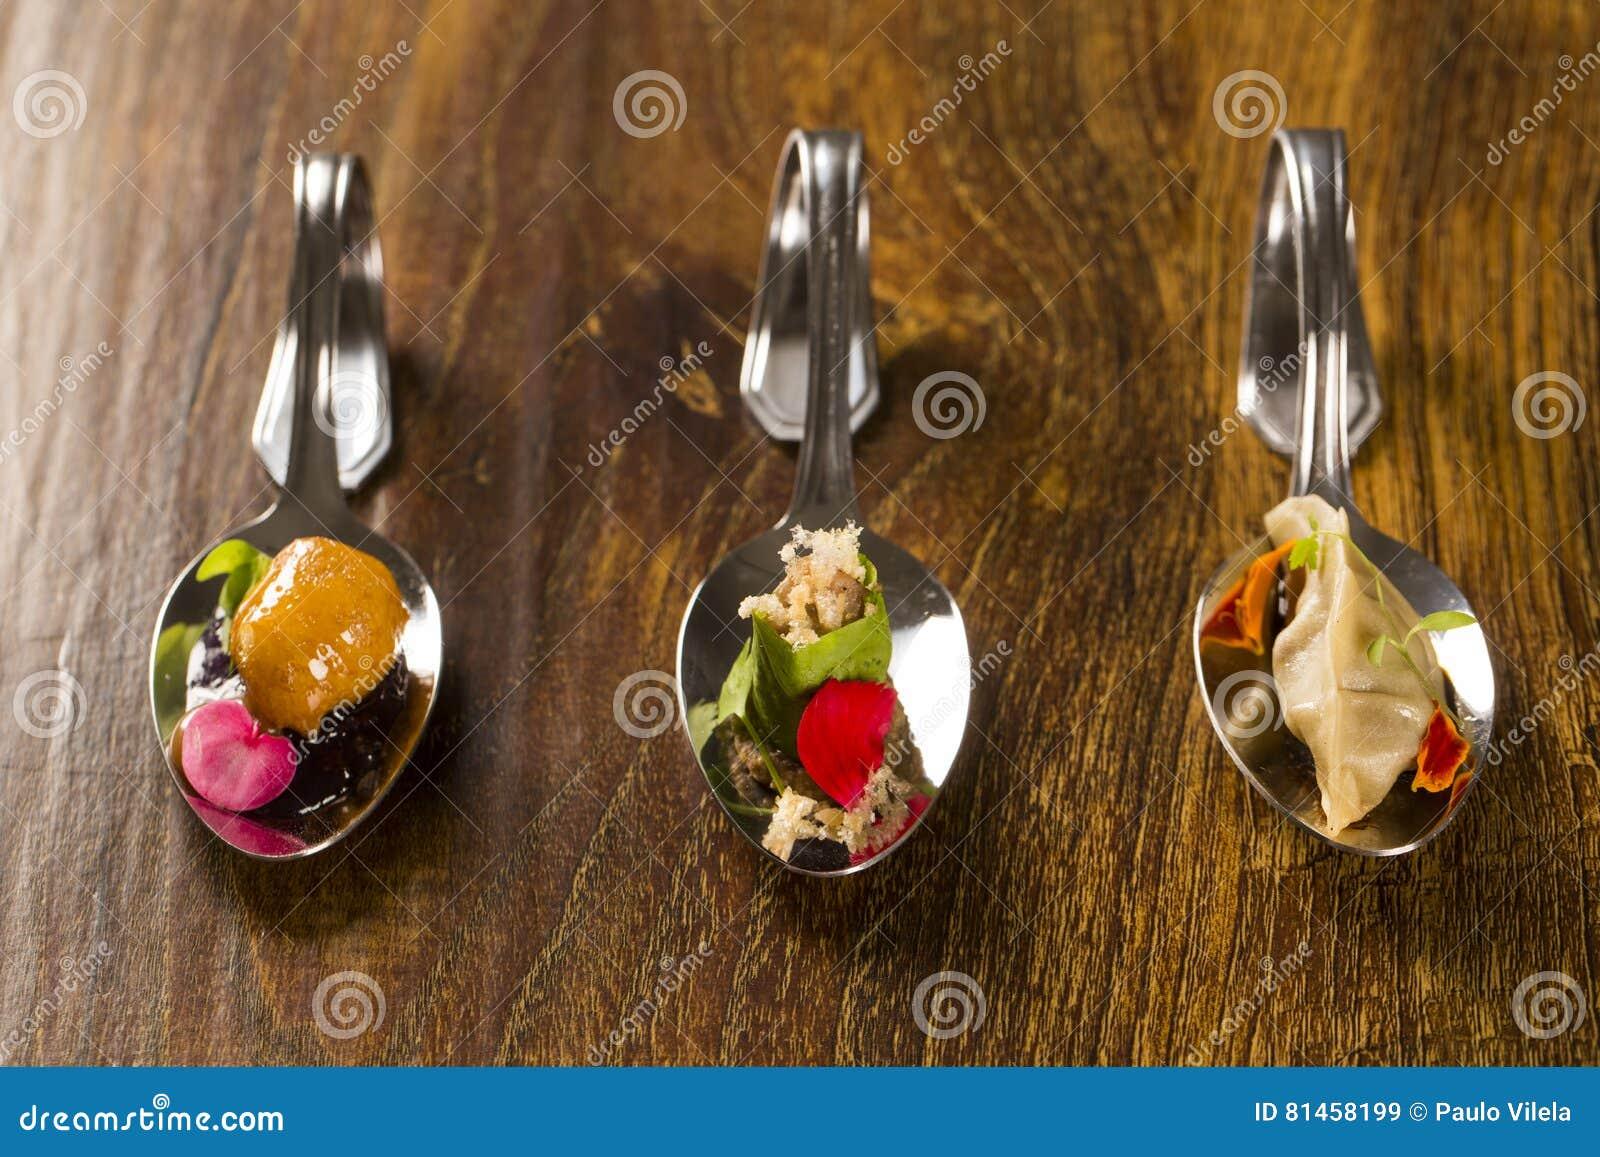 Eintritt, Zutritt und Nachtisch des Fingerfoods in einem Löffel